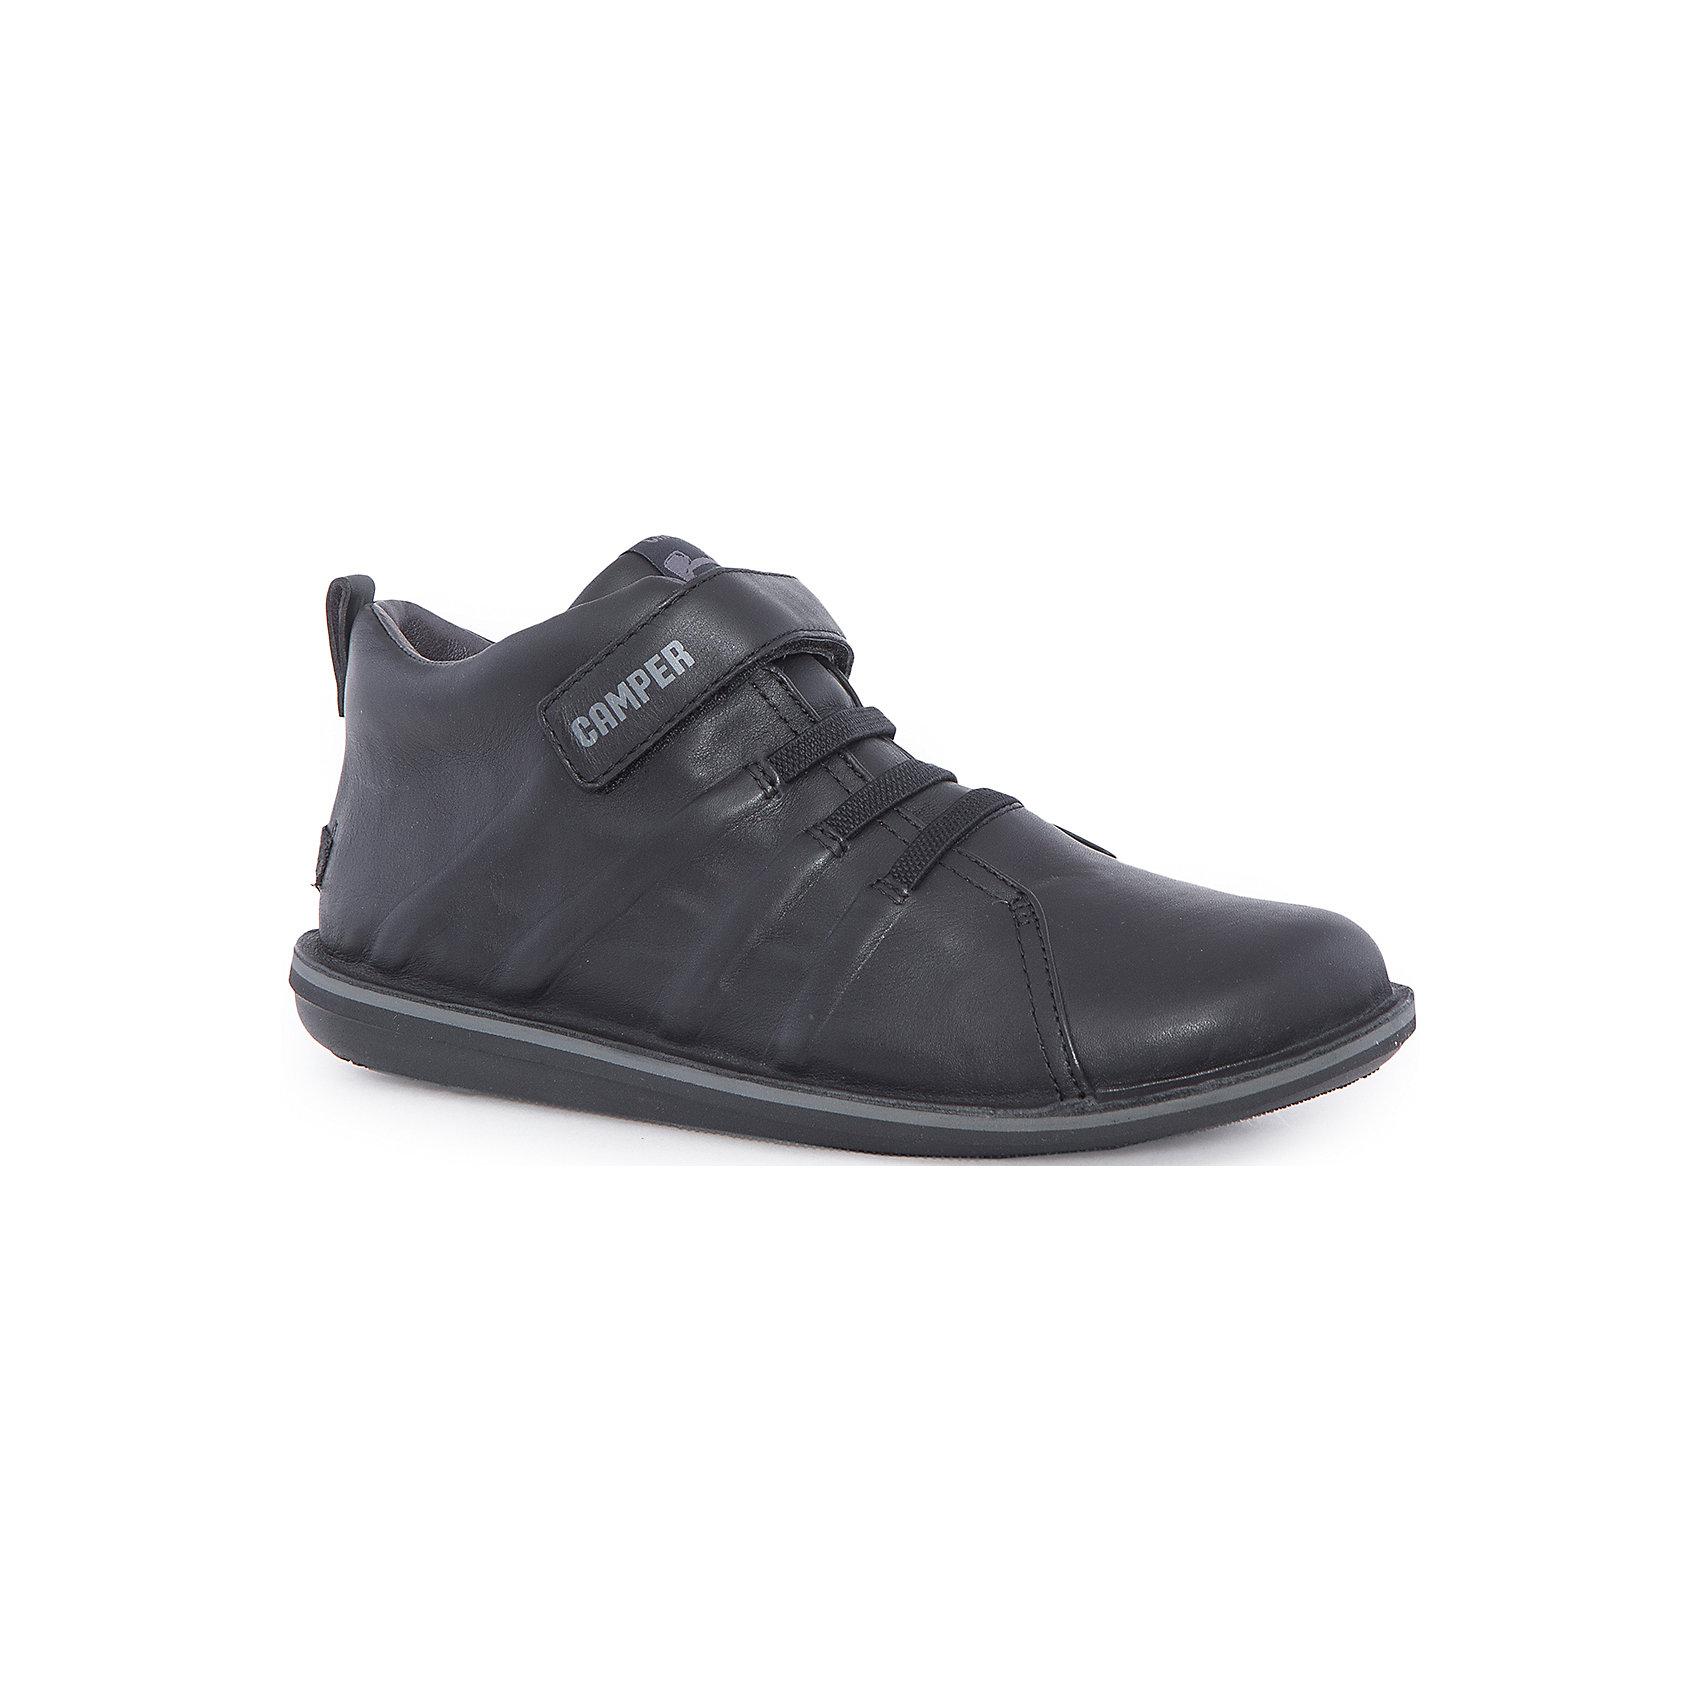 Ботинки для мальчика CamperБотинки<br>Характеристики:<br><br>• Предназначение: повседневная обувь<br>• Сезон: демисезонные<br>• Пол: для мальчика<br>• Цвет: черный, серый<br>• Материал верха и стельки: натуральная кожа<br>• Материал подошвы: резина<br>• Тип каблука и подошвы: плоская<br>• Тип застежки: ремешки-липучки<br>• Уход: удаление загрязнений мягкой тканью<br><br>Ботинки для мальчика Camper изготовлены испанским торговым брендом, специализирующимся на производстве обуви премиум-класса. Детская обувь Camper учитывает анатомические особенности детской растущей ноги, поэтому она изготавливается исключительно из натуральной кожи. Ботинки выполнены из гладкой кожи, все элементы верха прошиты, имеется ортопедическая стелька, для защиты от натирания предусмотрена мягкая пятка. Эта модель битинок выполнена с повышенными влагостойкими свойствами, поэтому подойдет для прогулок в дождливое время года. Обувь представляет собой детскую версию модели Beetle со всеми атрибутами брендового дизайна. <br><br>Ботинки для мальчика Camper можно купить в нашем интернет-магазине.<br><br>Ширина мм: 262<br>Глубина мм: 176<br>Высота мм: 97<br>Вес г: 427<br>Цвет: черный<br>Возраст от месяцев: 156<br>Возраст до месяцев: 1188<br>Пол: Мужской<br>Возраст: Детский<br>Размер: 38,26,37,32,30,31,29,27,36,35,25,33,34,28<br>SKU: 4974919